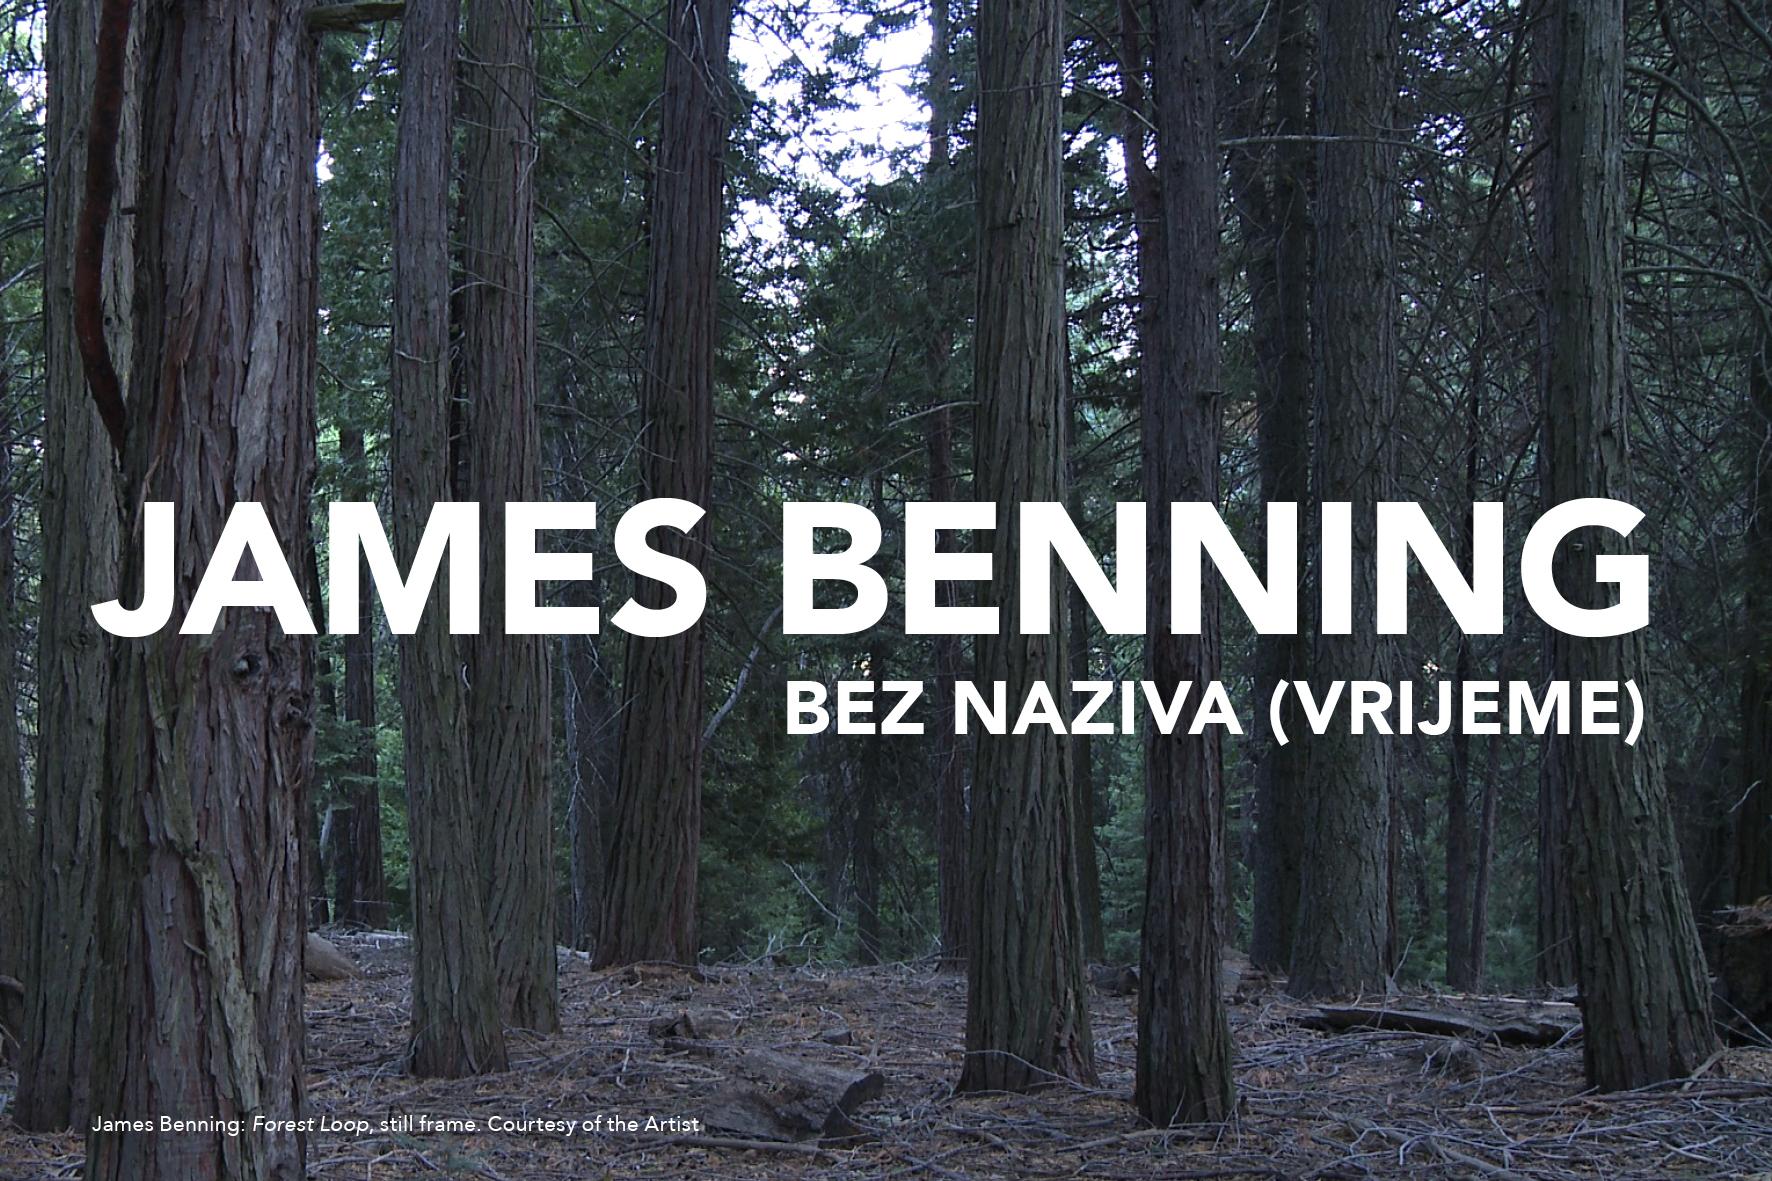 Apoteka 2017-James Benning-poziv-1-2